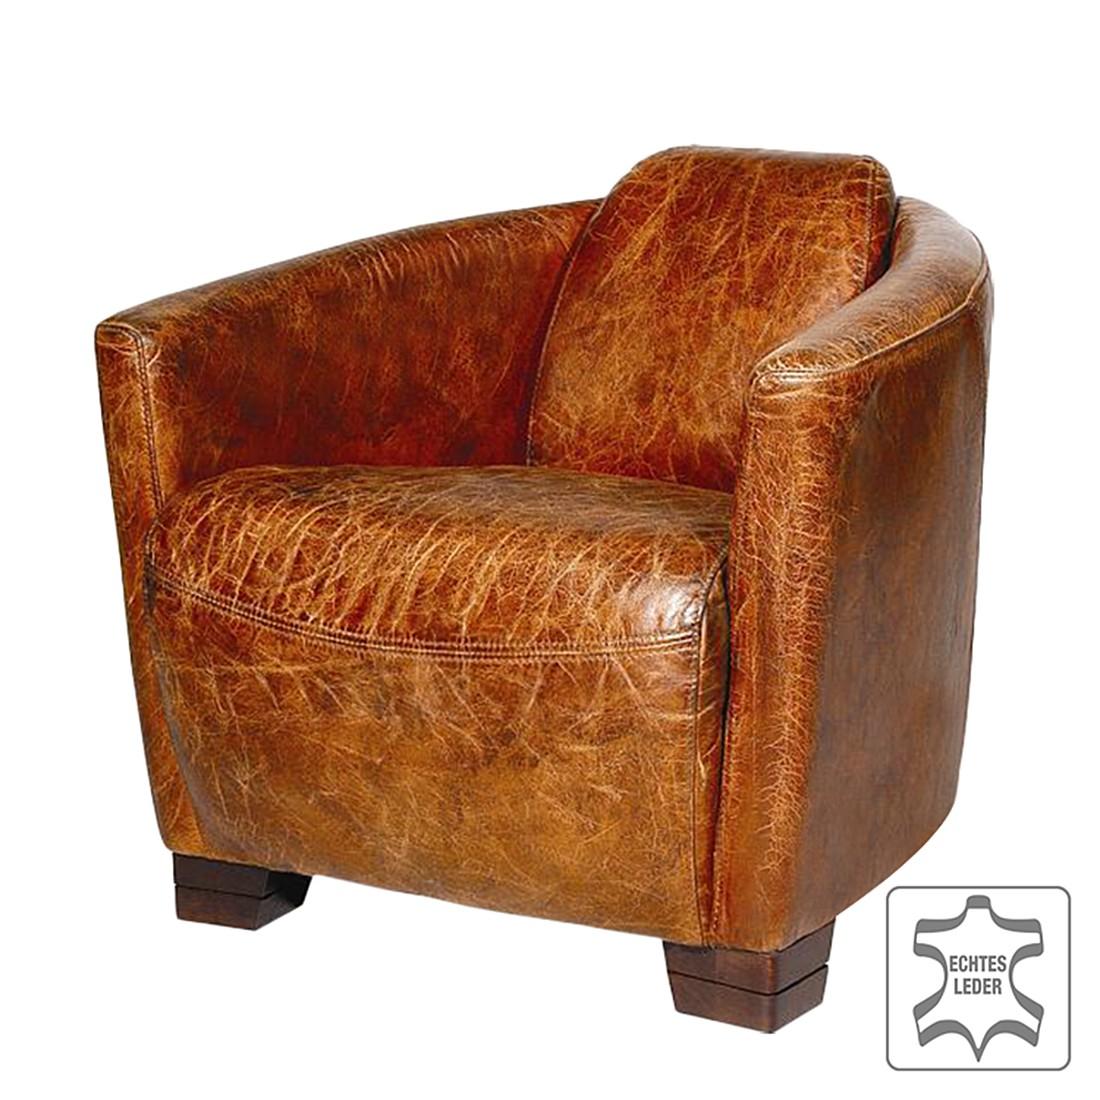 Le bon coin alsace fauteuil roulant d couvrez la s lection top office de faut - Le bon coin fauteuil vintage ...